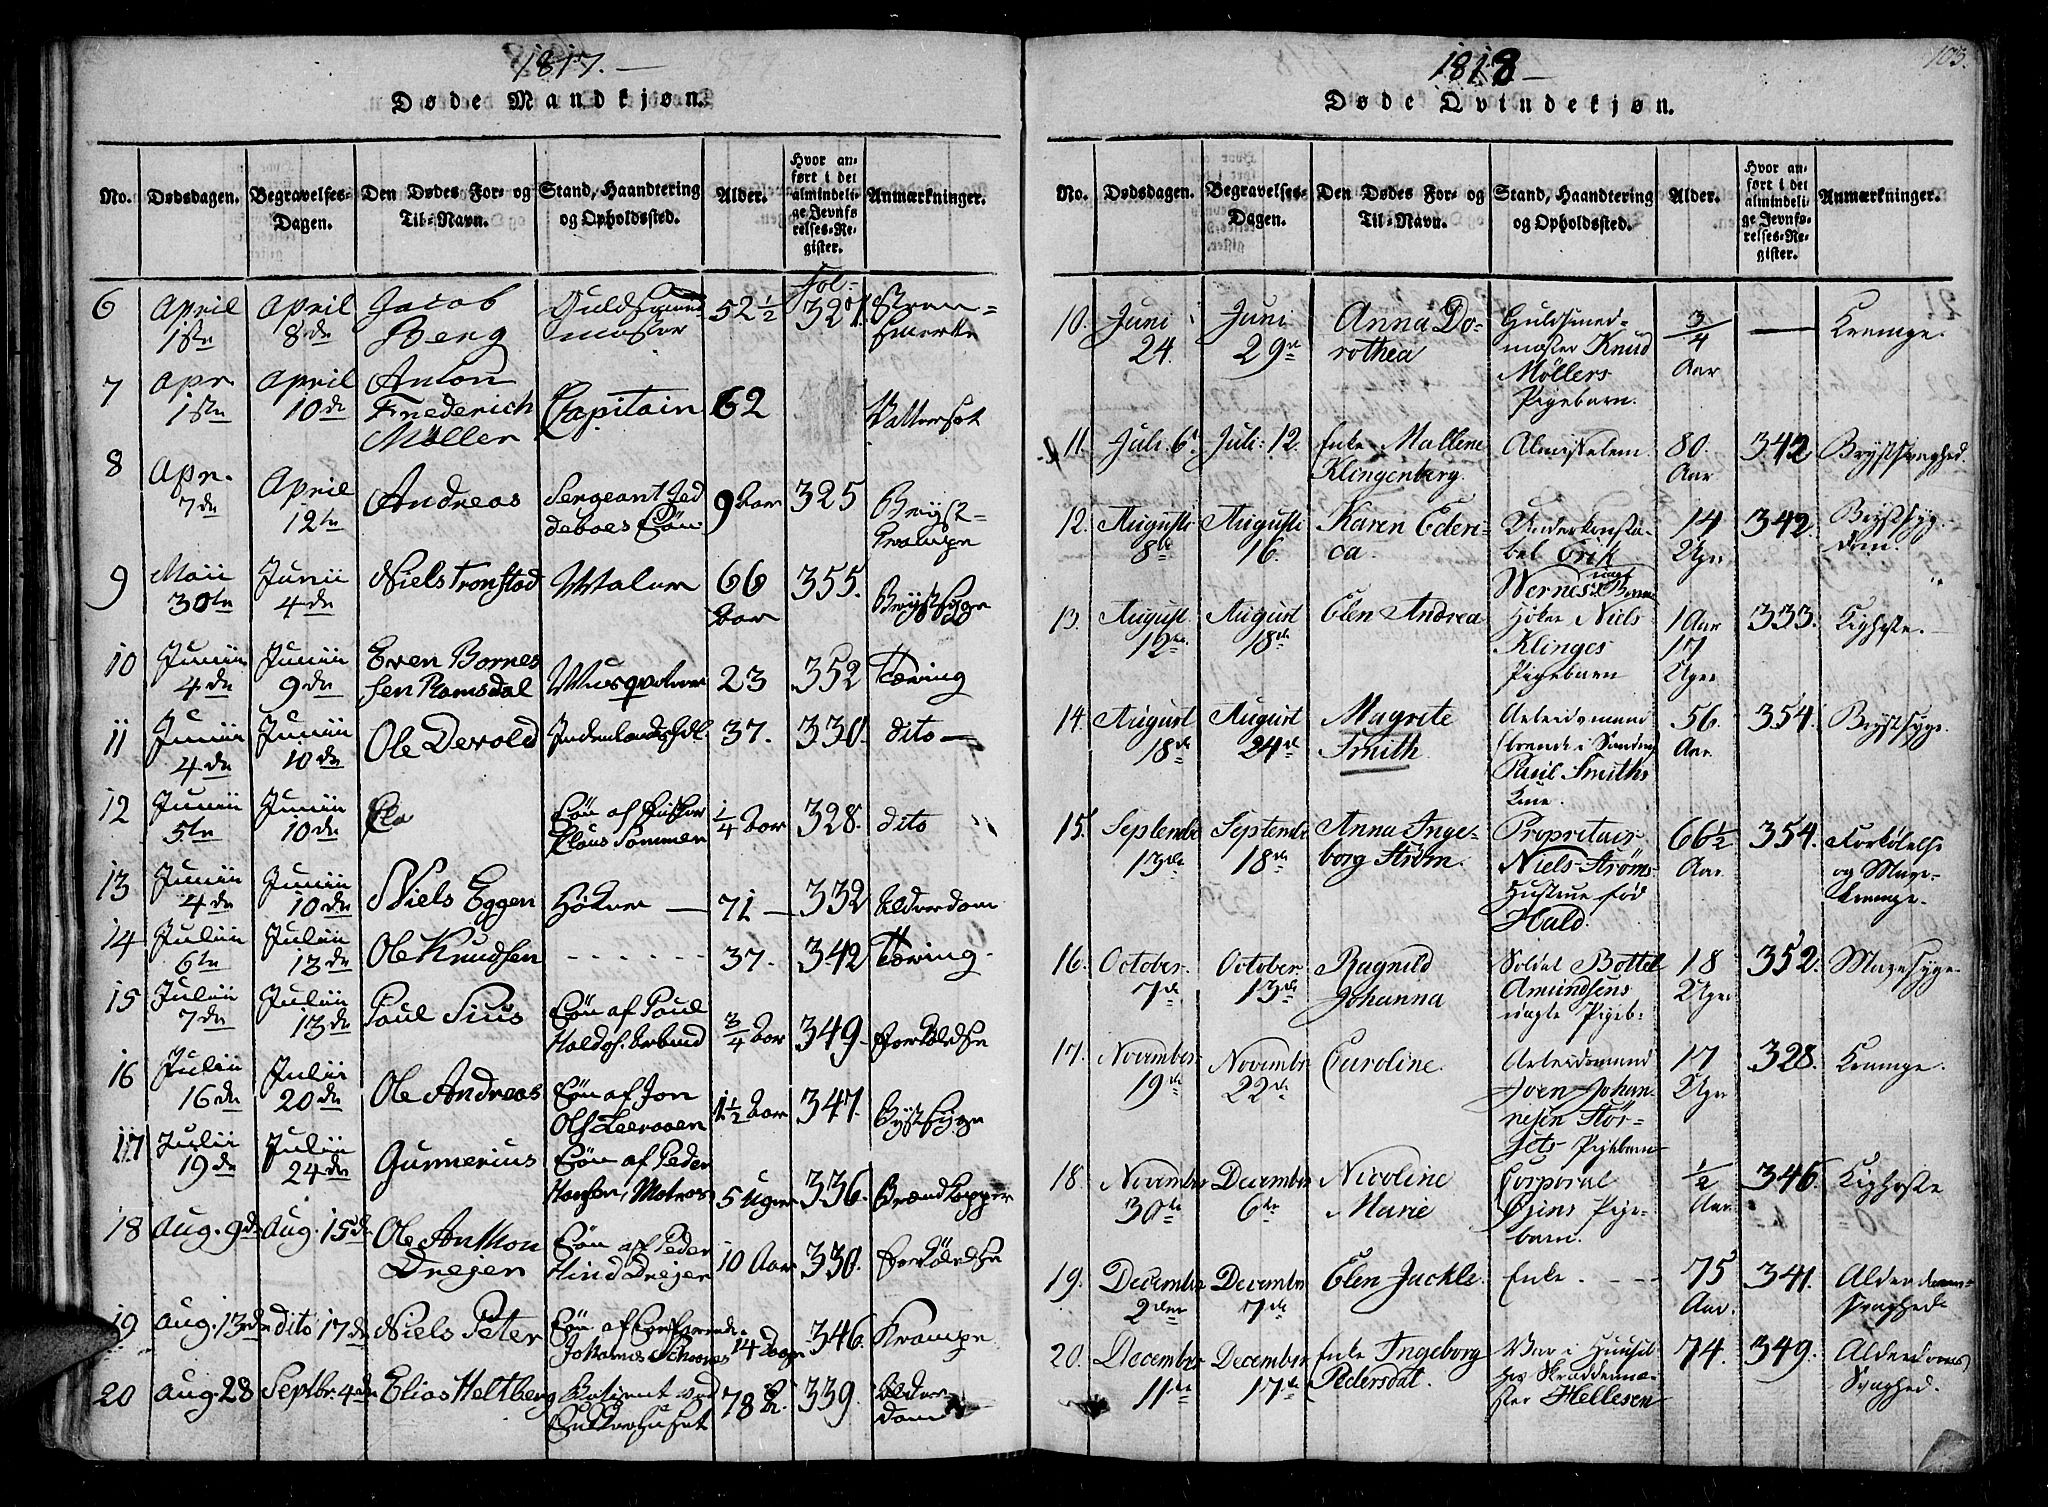 SAT, Ministerialprotokoller, klokkerbøker og fødselsregistre - Sør-Trøndelag, 602/L0107: Ministerialbok nr. 602A05, 1815-1821, s. 103